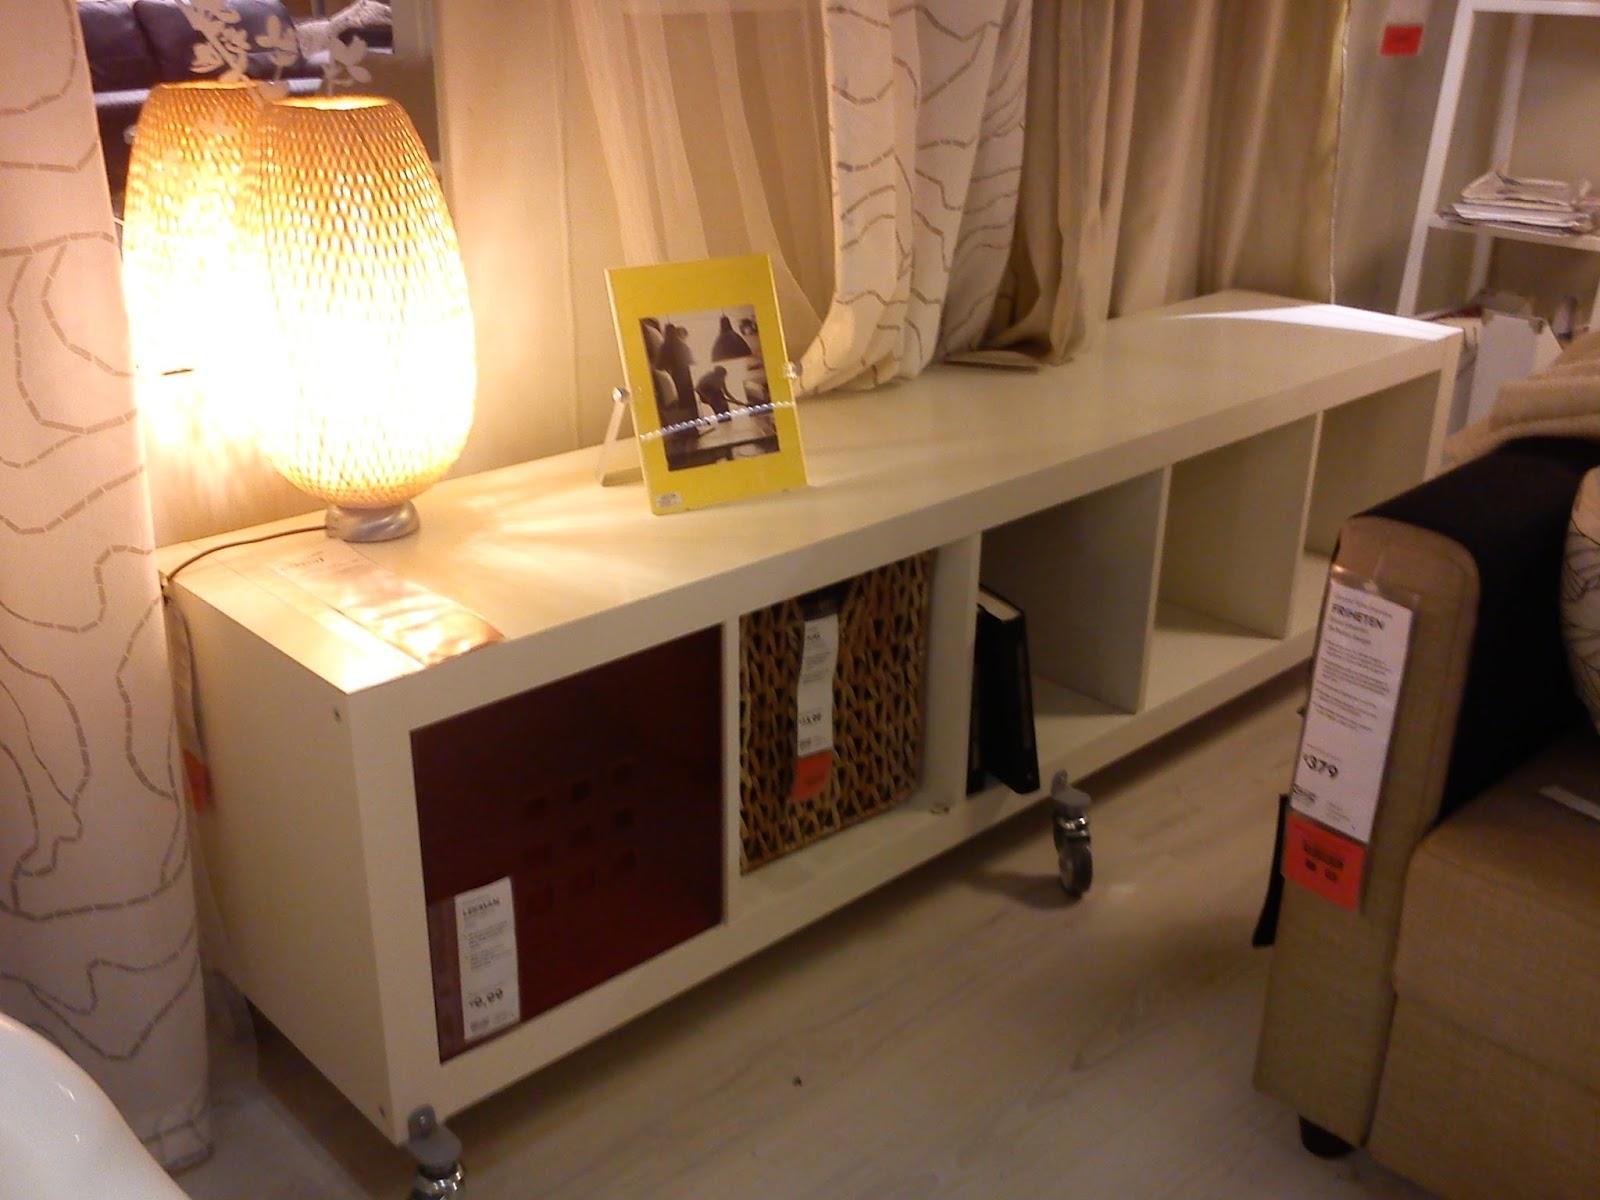 Ikea e momichan panca per il salotto - Panca camera da letto ikea ...